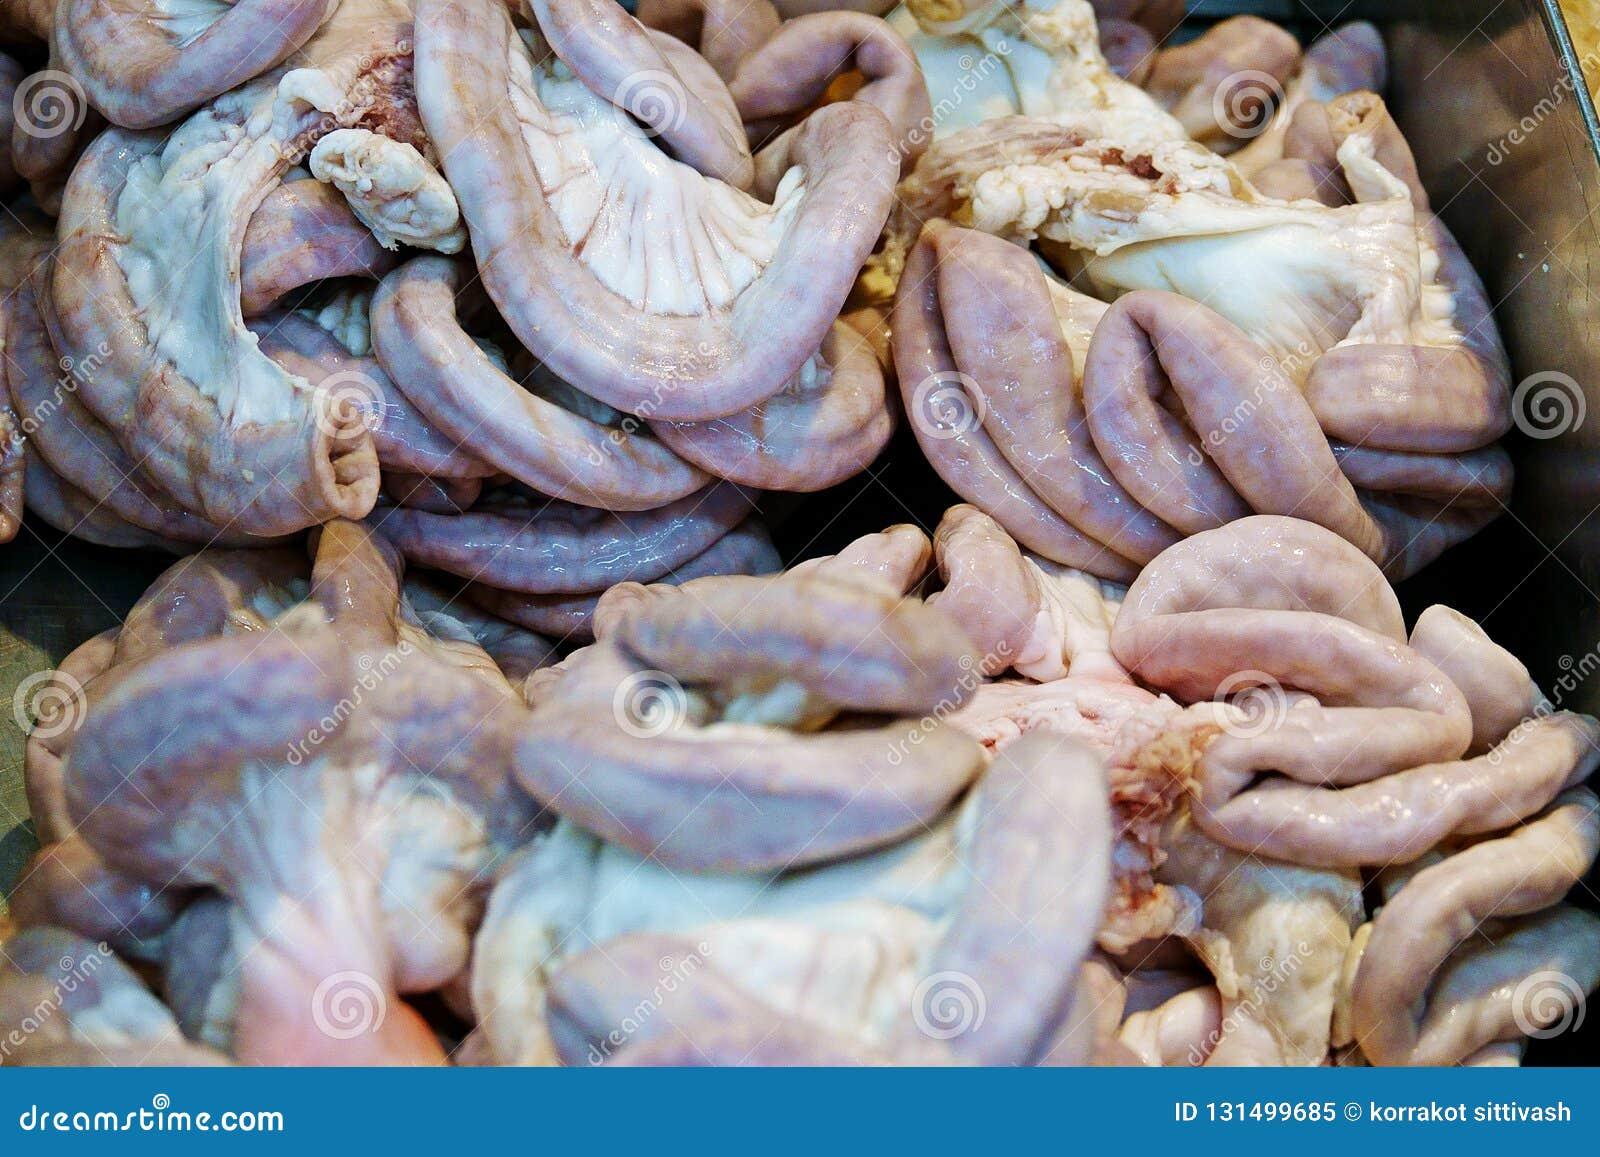 Intestino crudo del cerdo en una bandeja en las comidas frescas del mercado, chitterlings, órganos del cerdo de las entrañas